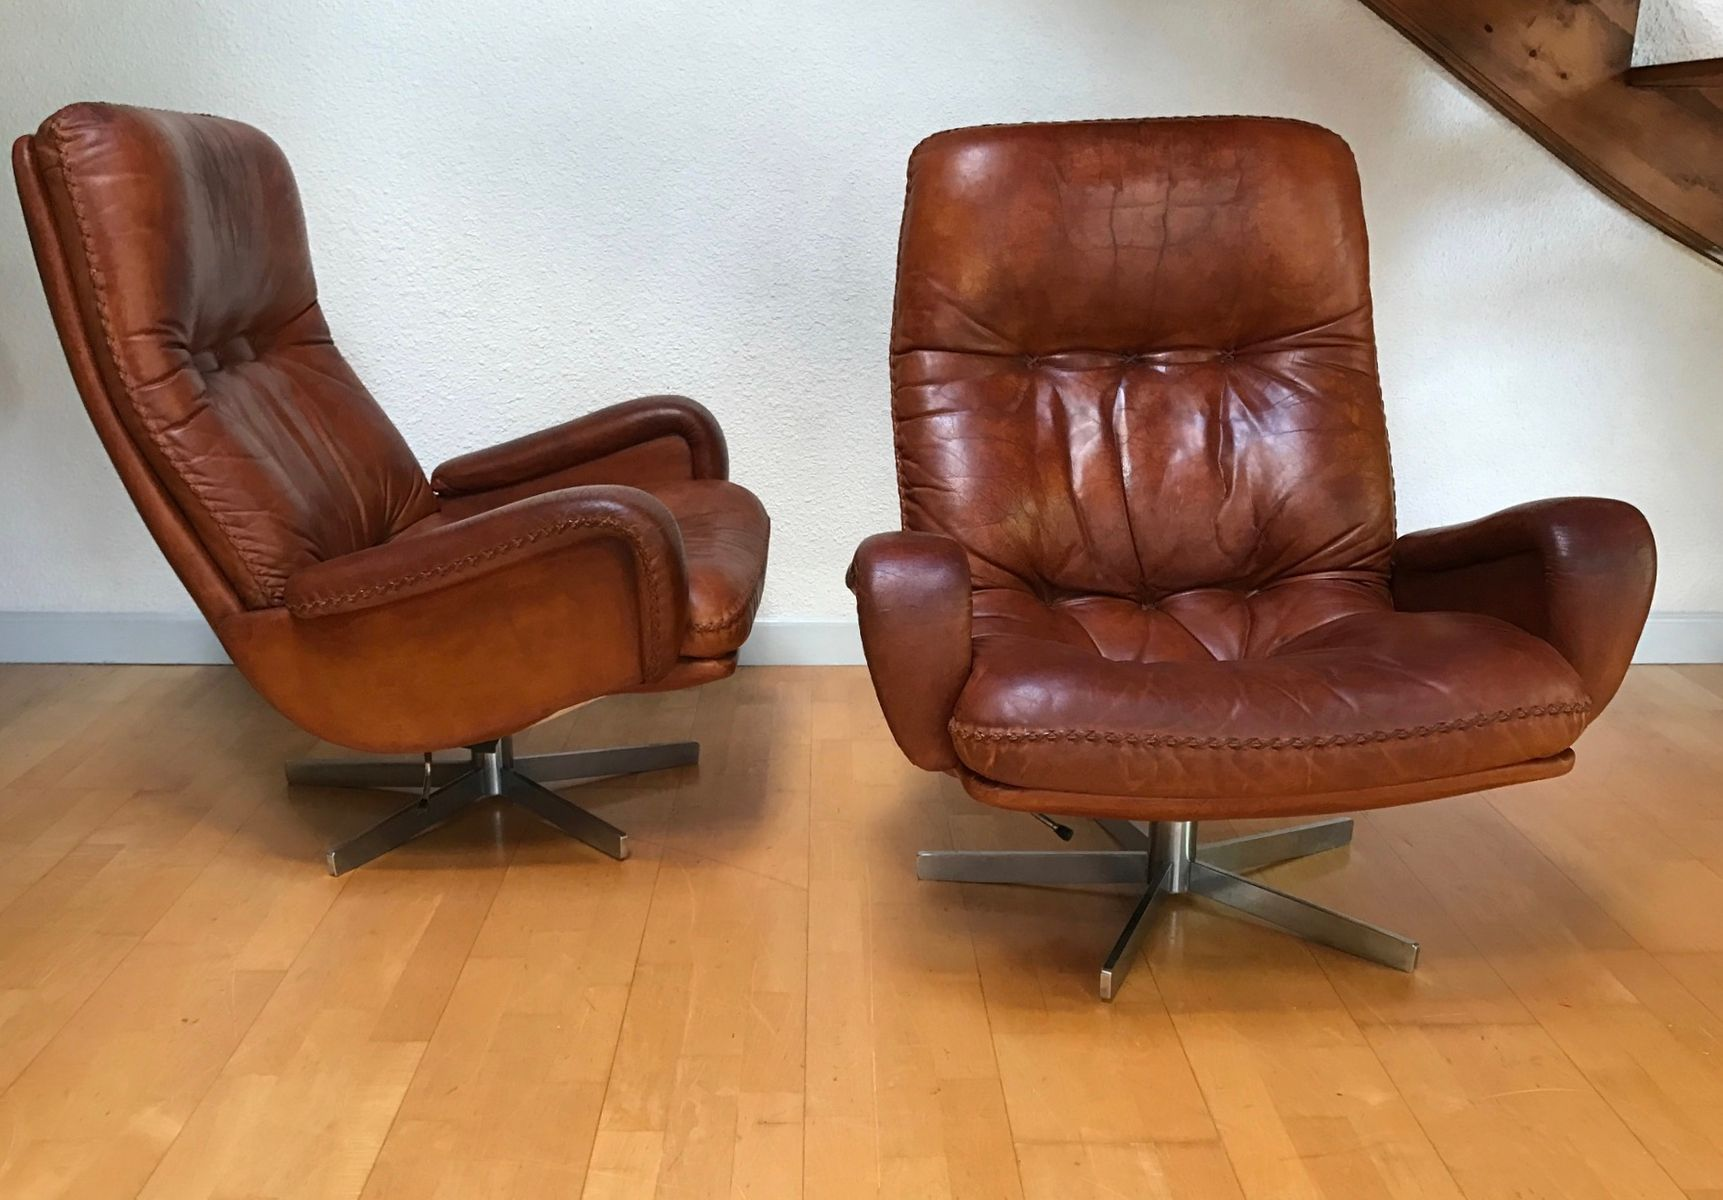 s 231 2 sessel fu hocker von de sede 1960er bei pamono. Black Bedroom Furniture Sets. Home Design Ideas